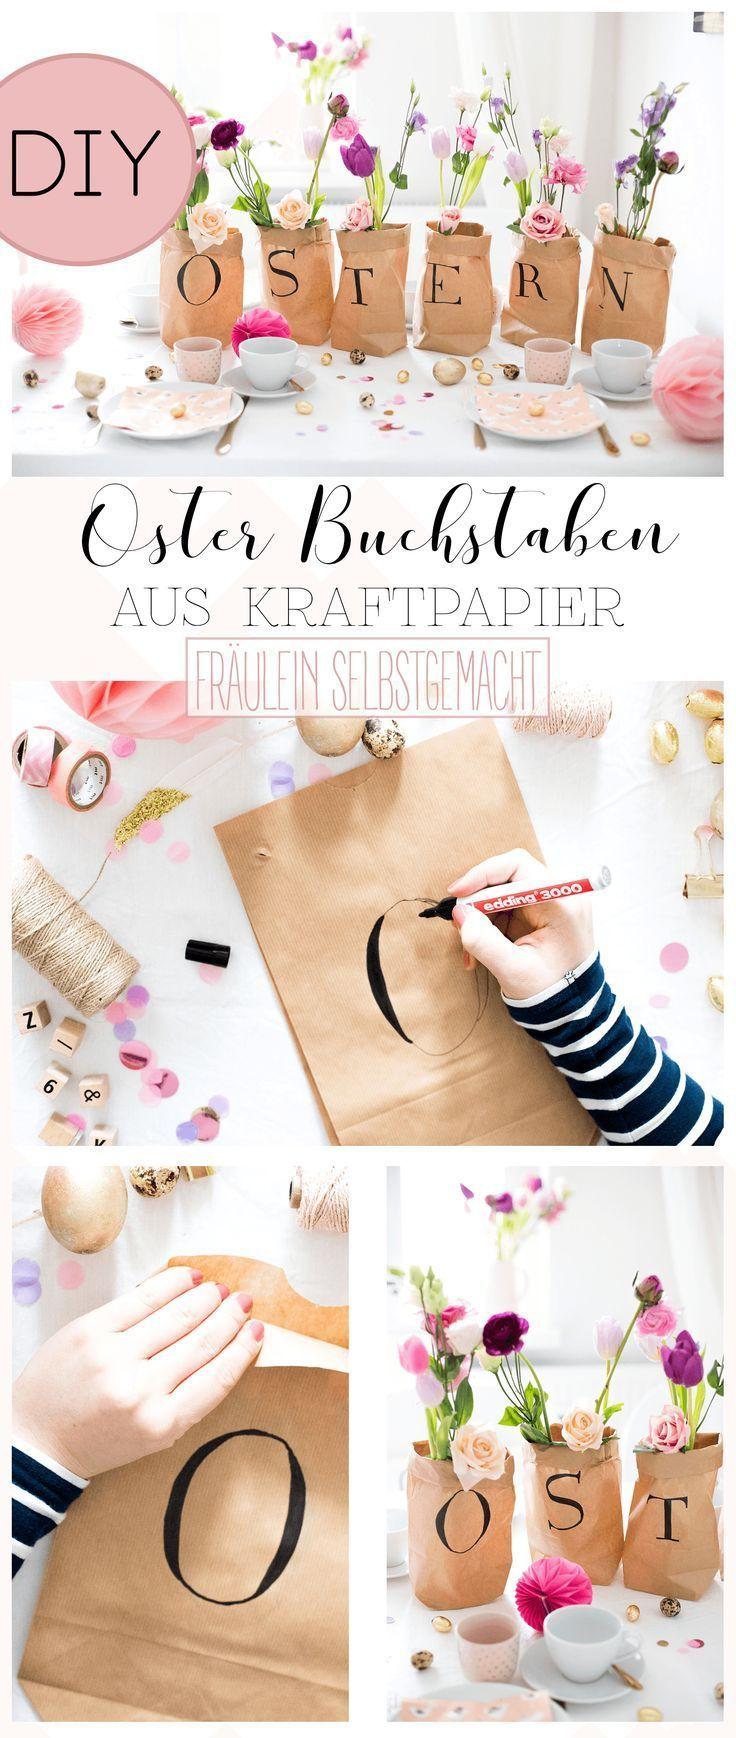 Geschenke schön verpacken: Oster-Buchstaben aus Kraftpapier // Geschenke verpac…